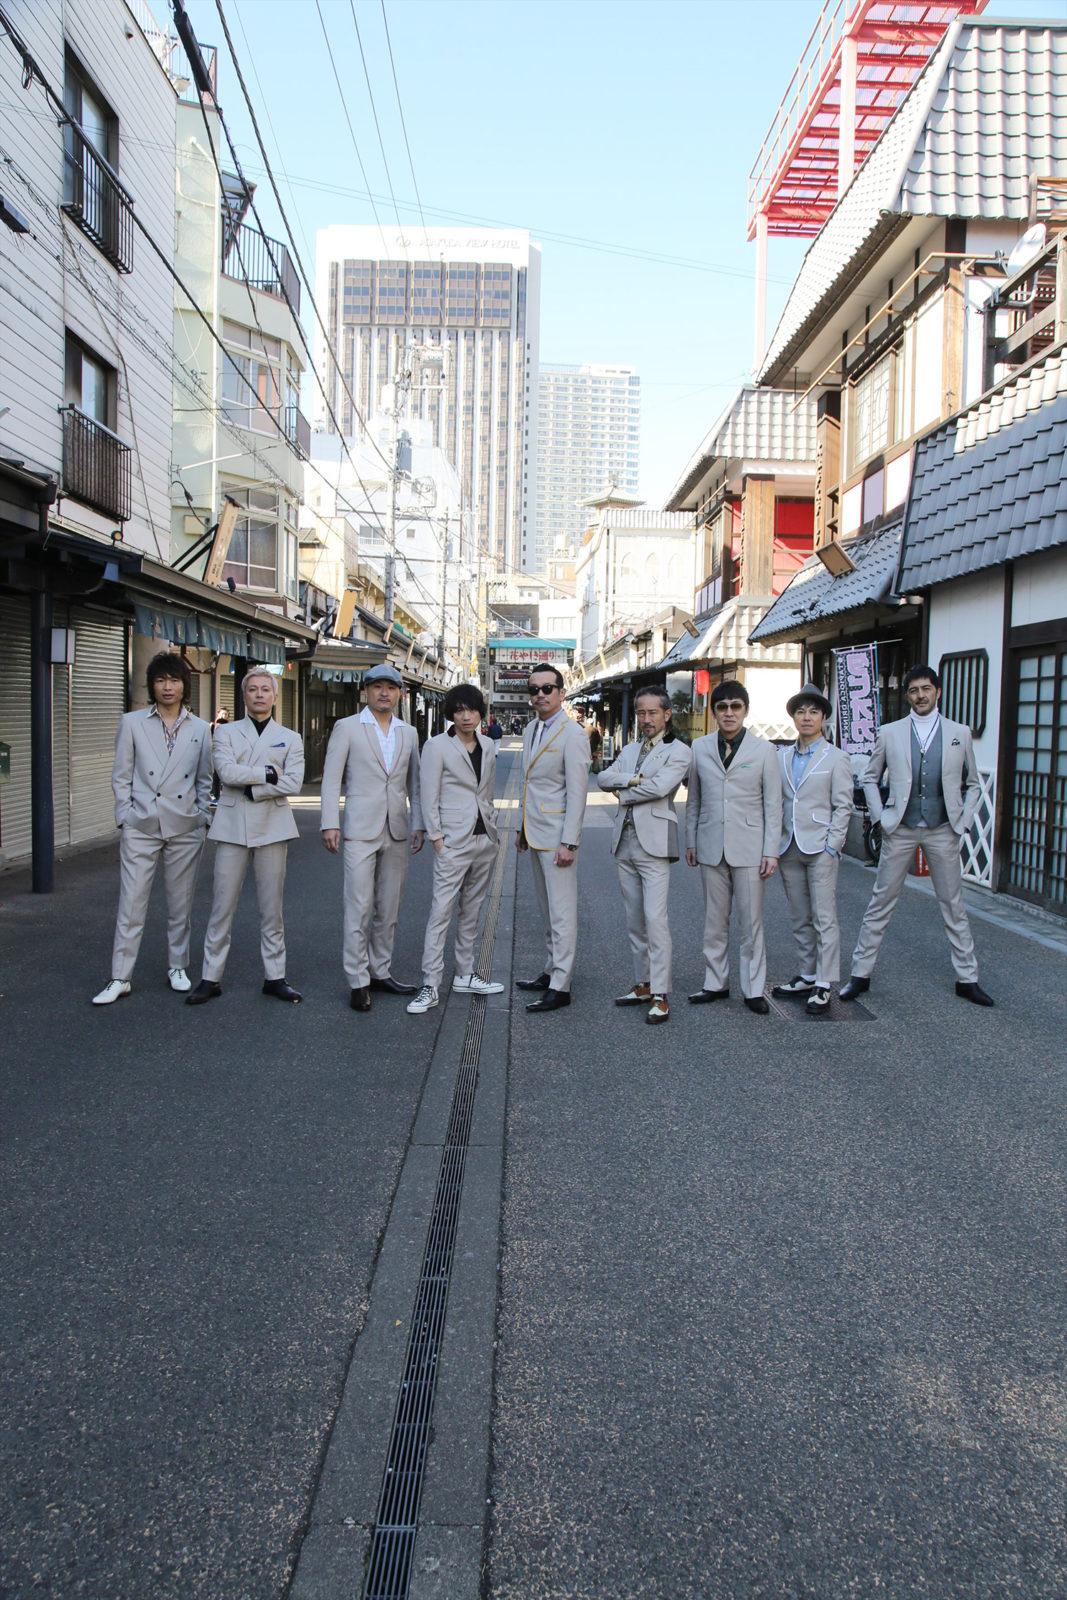 東京スカパラダイスオーケストラ、プレミア上映会&トークショー開催決定サムネイル画像